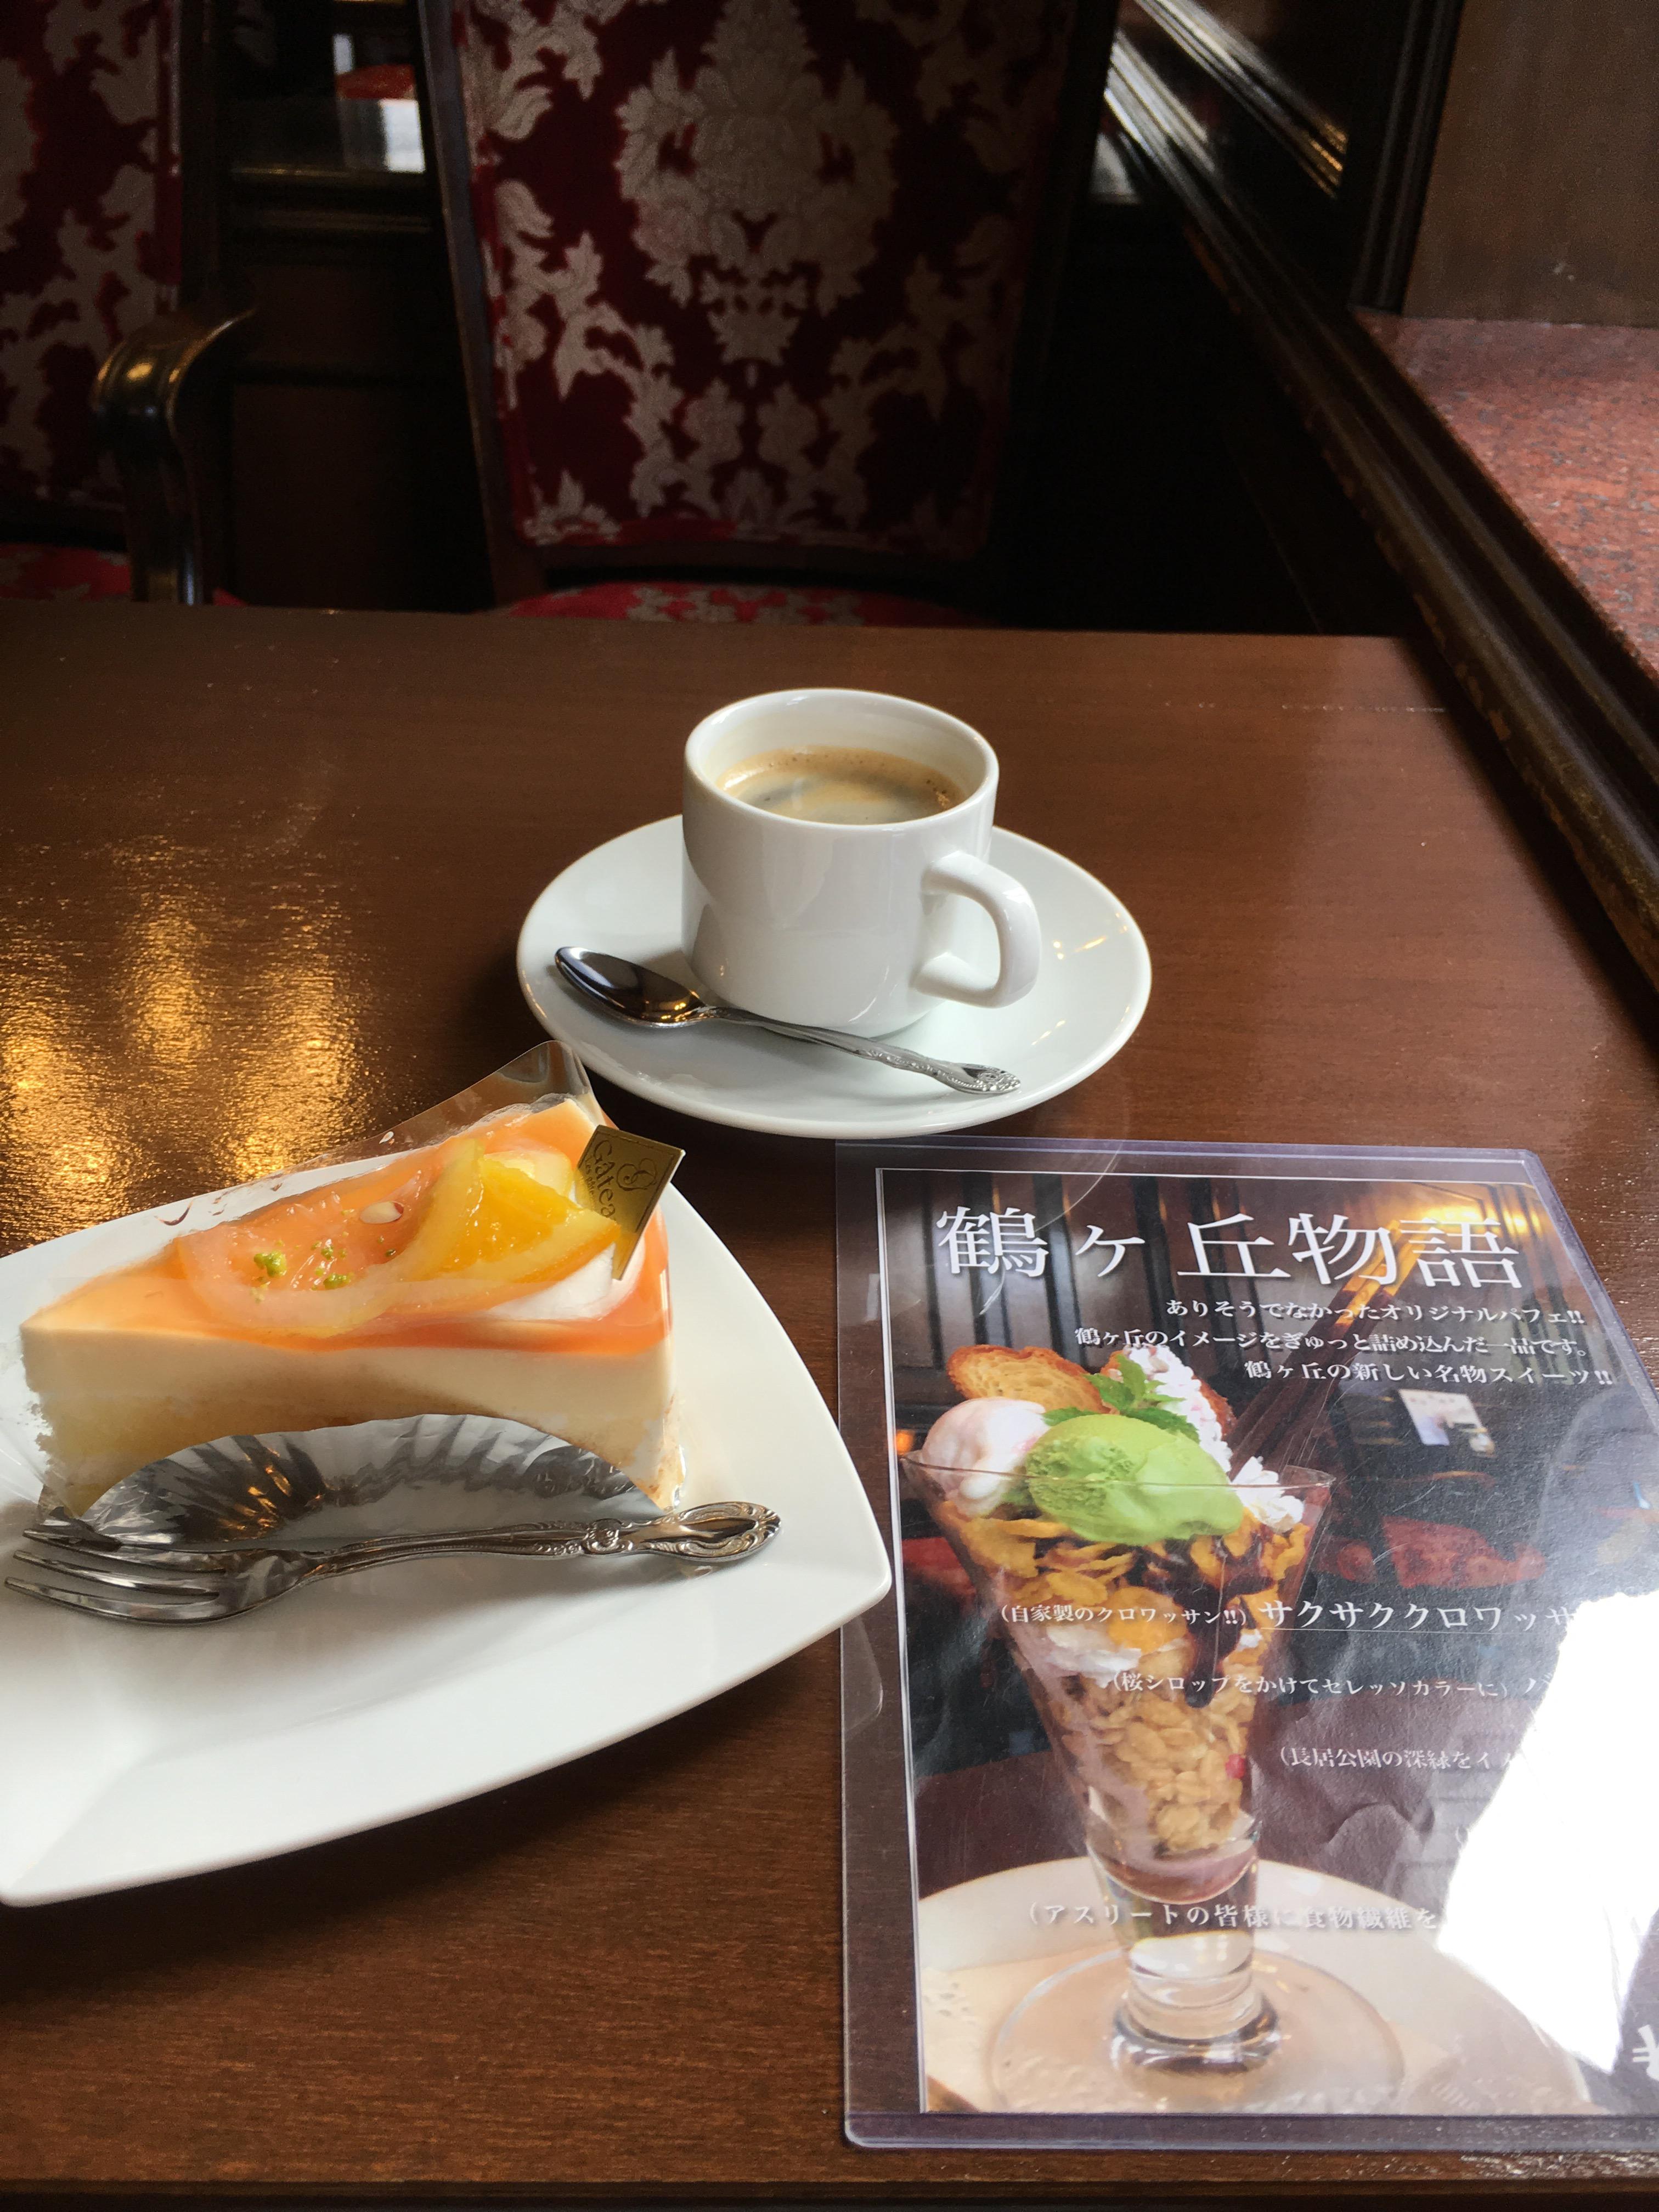 大阪出張 喫茶店巡り1